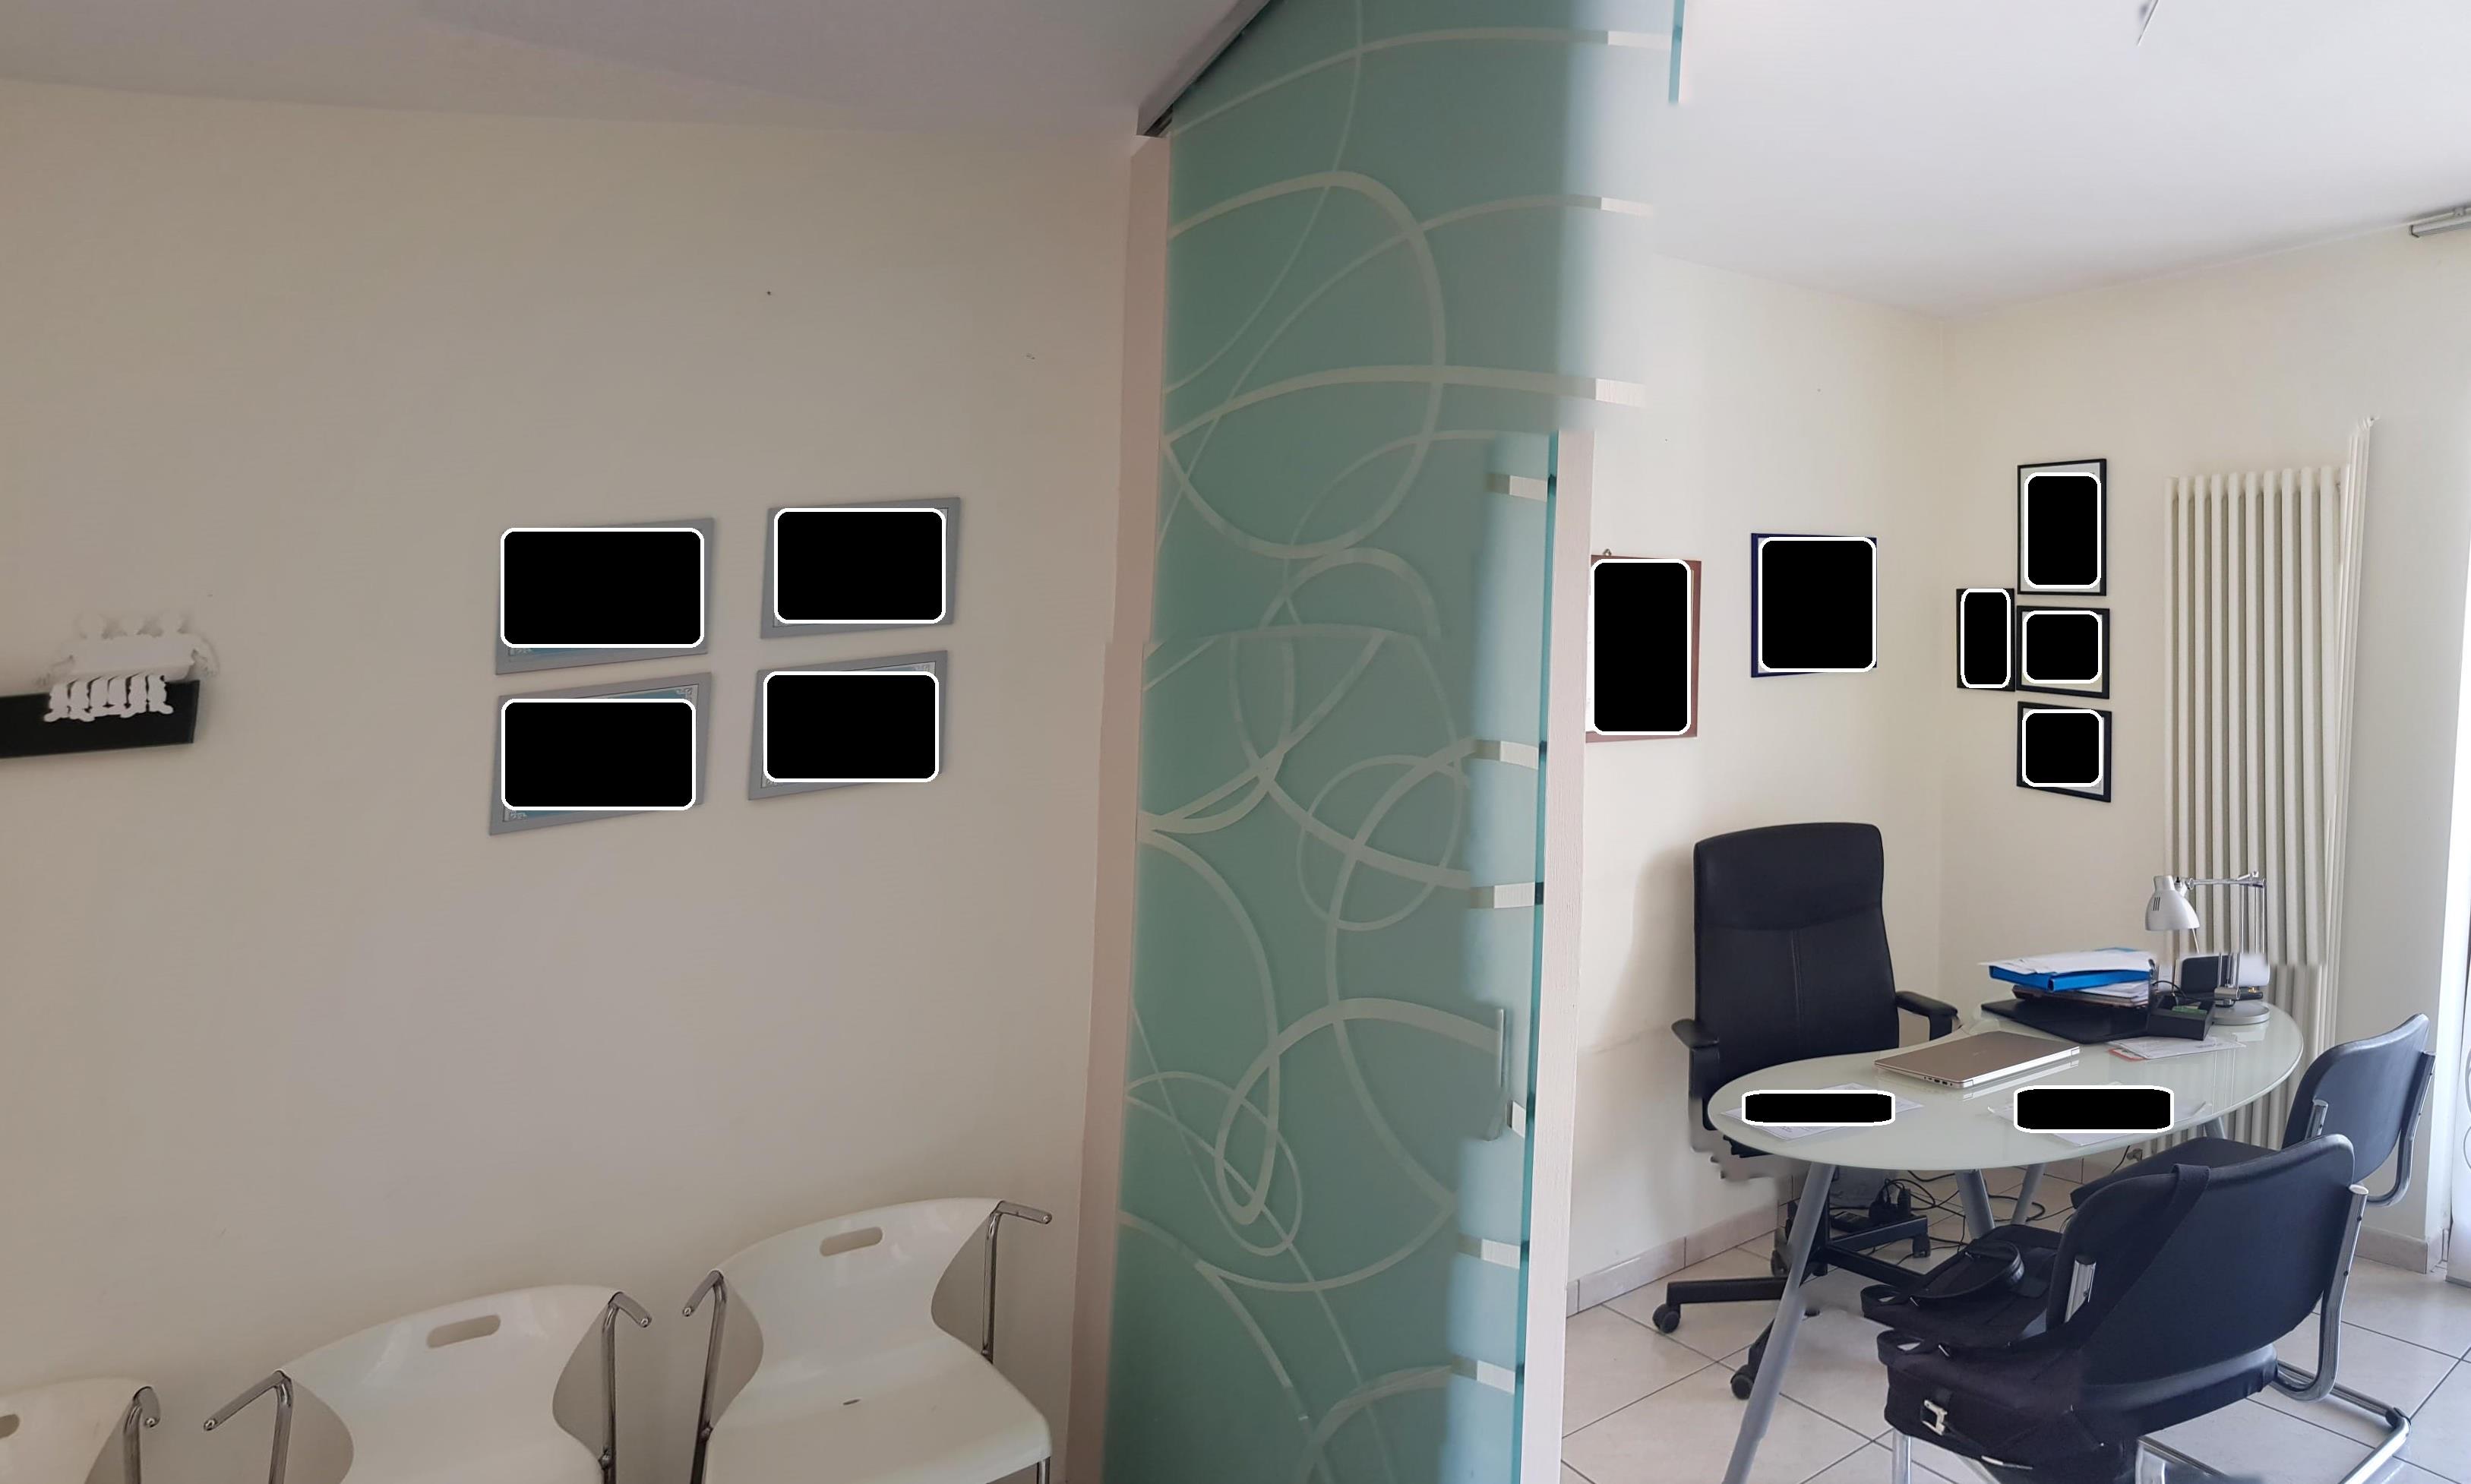 Appartamento in Zona Fontana a San Benedetto del Tronto (AP)